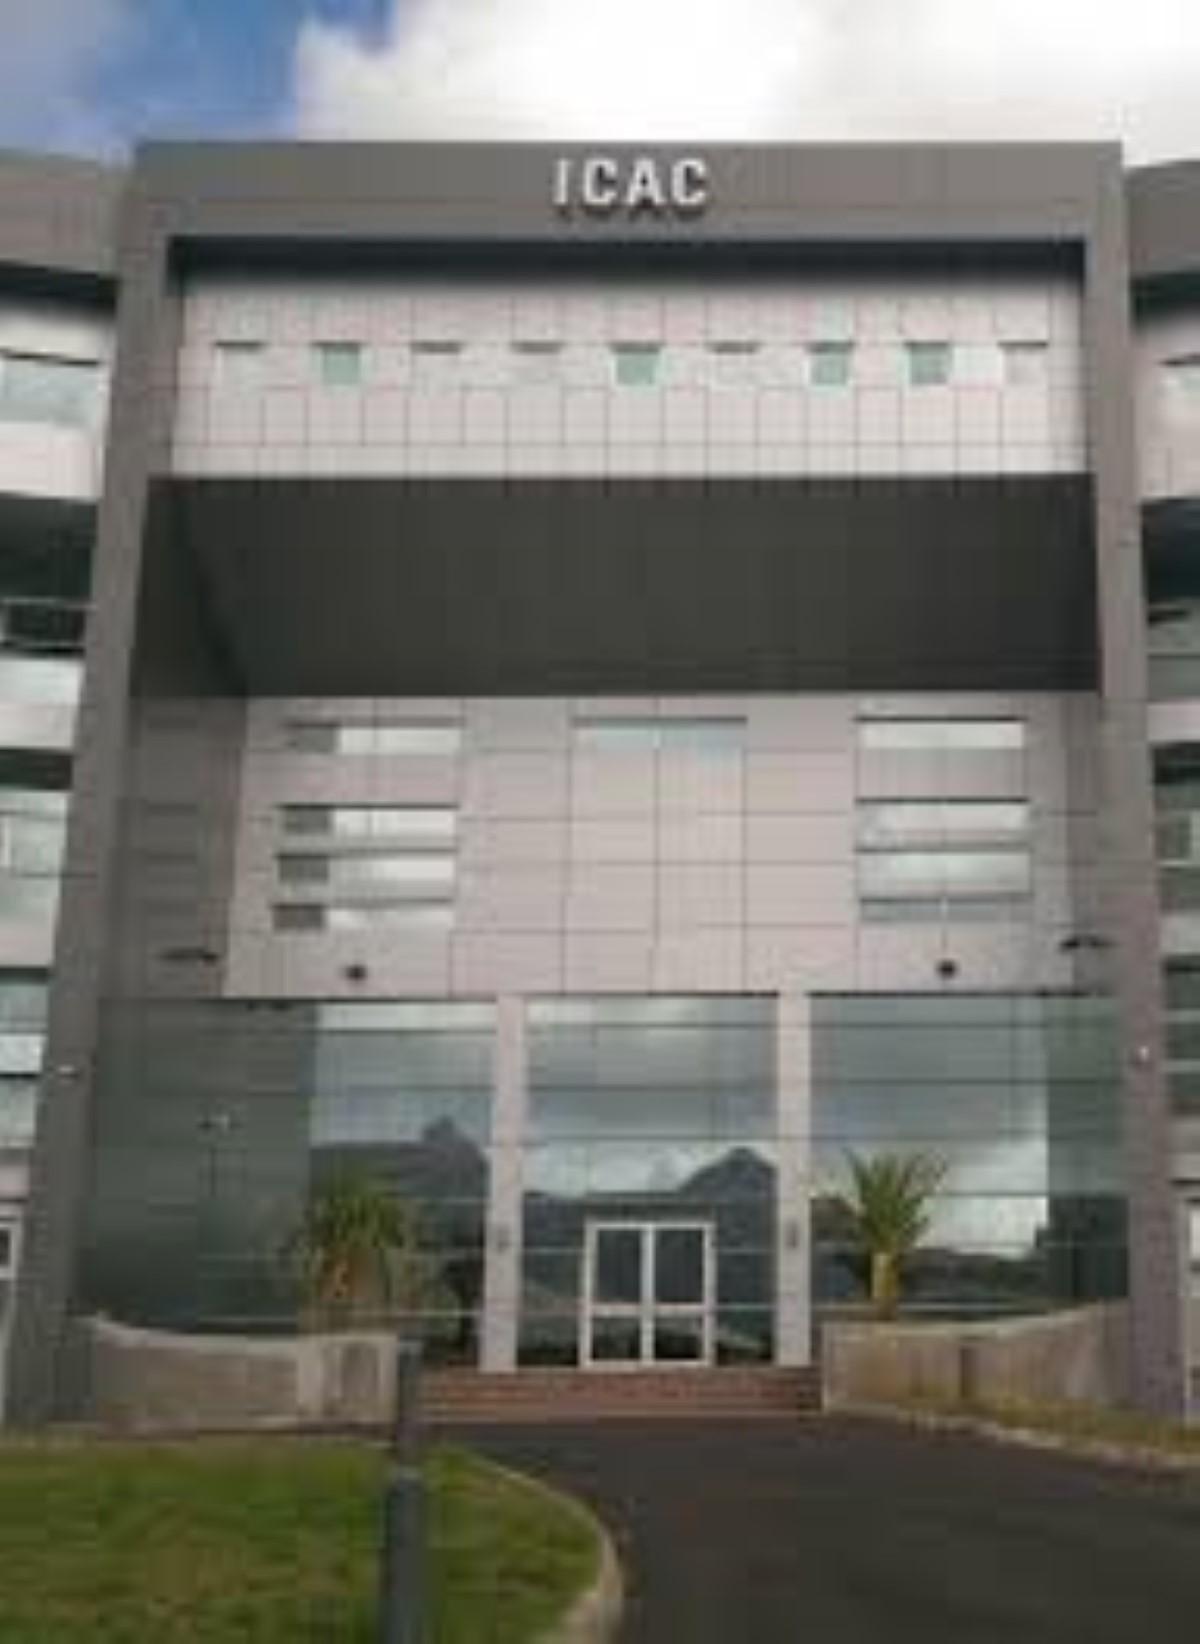 Au tour de l'ancien ACP Domah de donner sa version à l'Icac dans l'affaire Nobin-Brasse